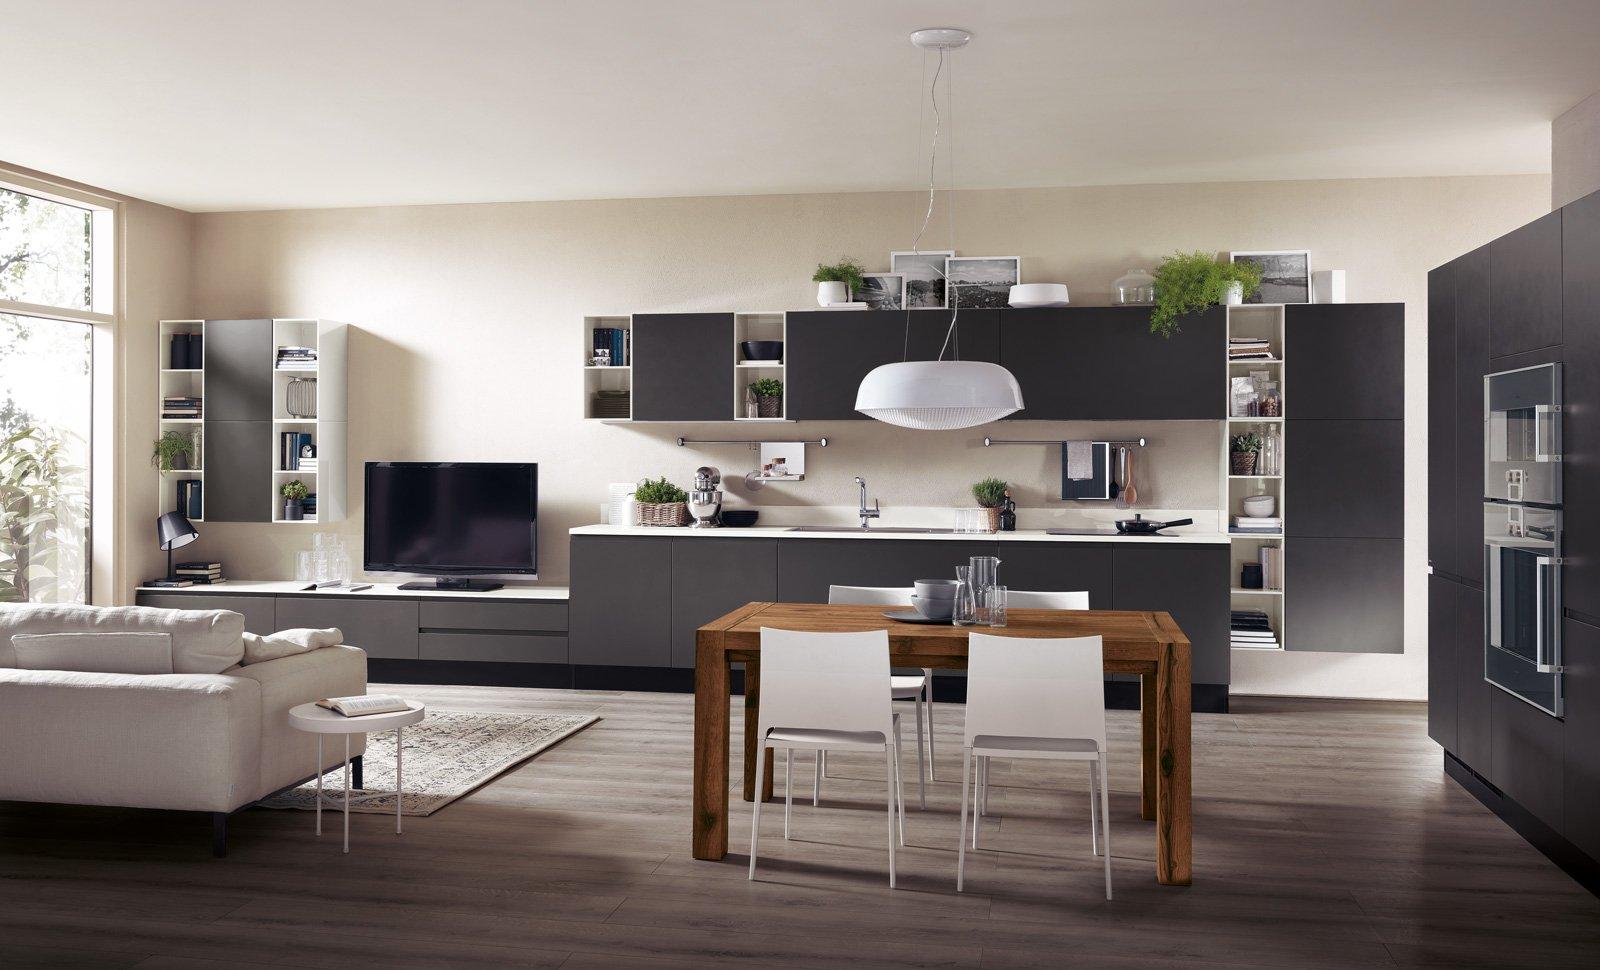 Cucine a vista per il loft nel soggiorno open space for Come arredare una parete attrezzata